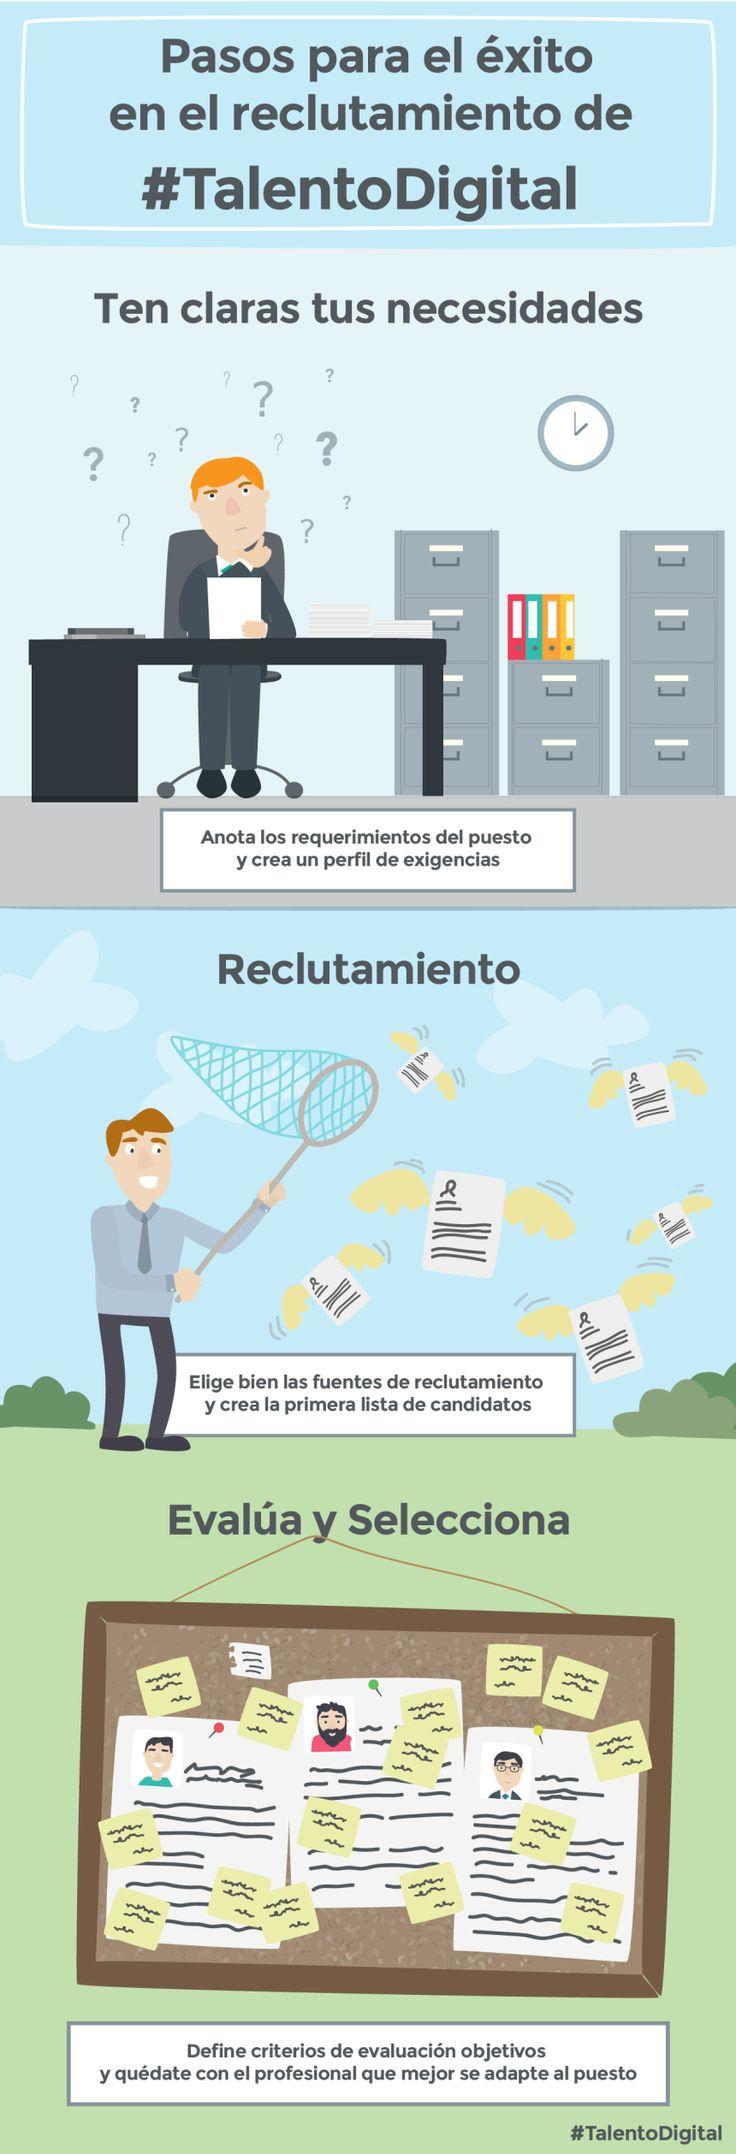 Pasos para el éxito del reclutamiento digital #infografia #infographic #rrhh